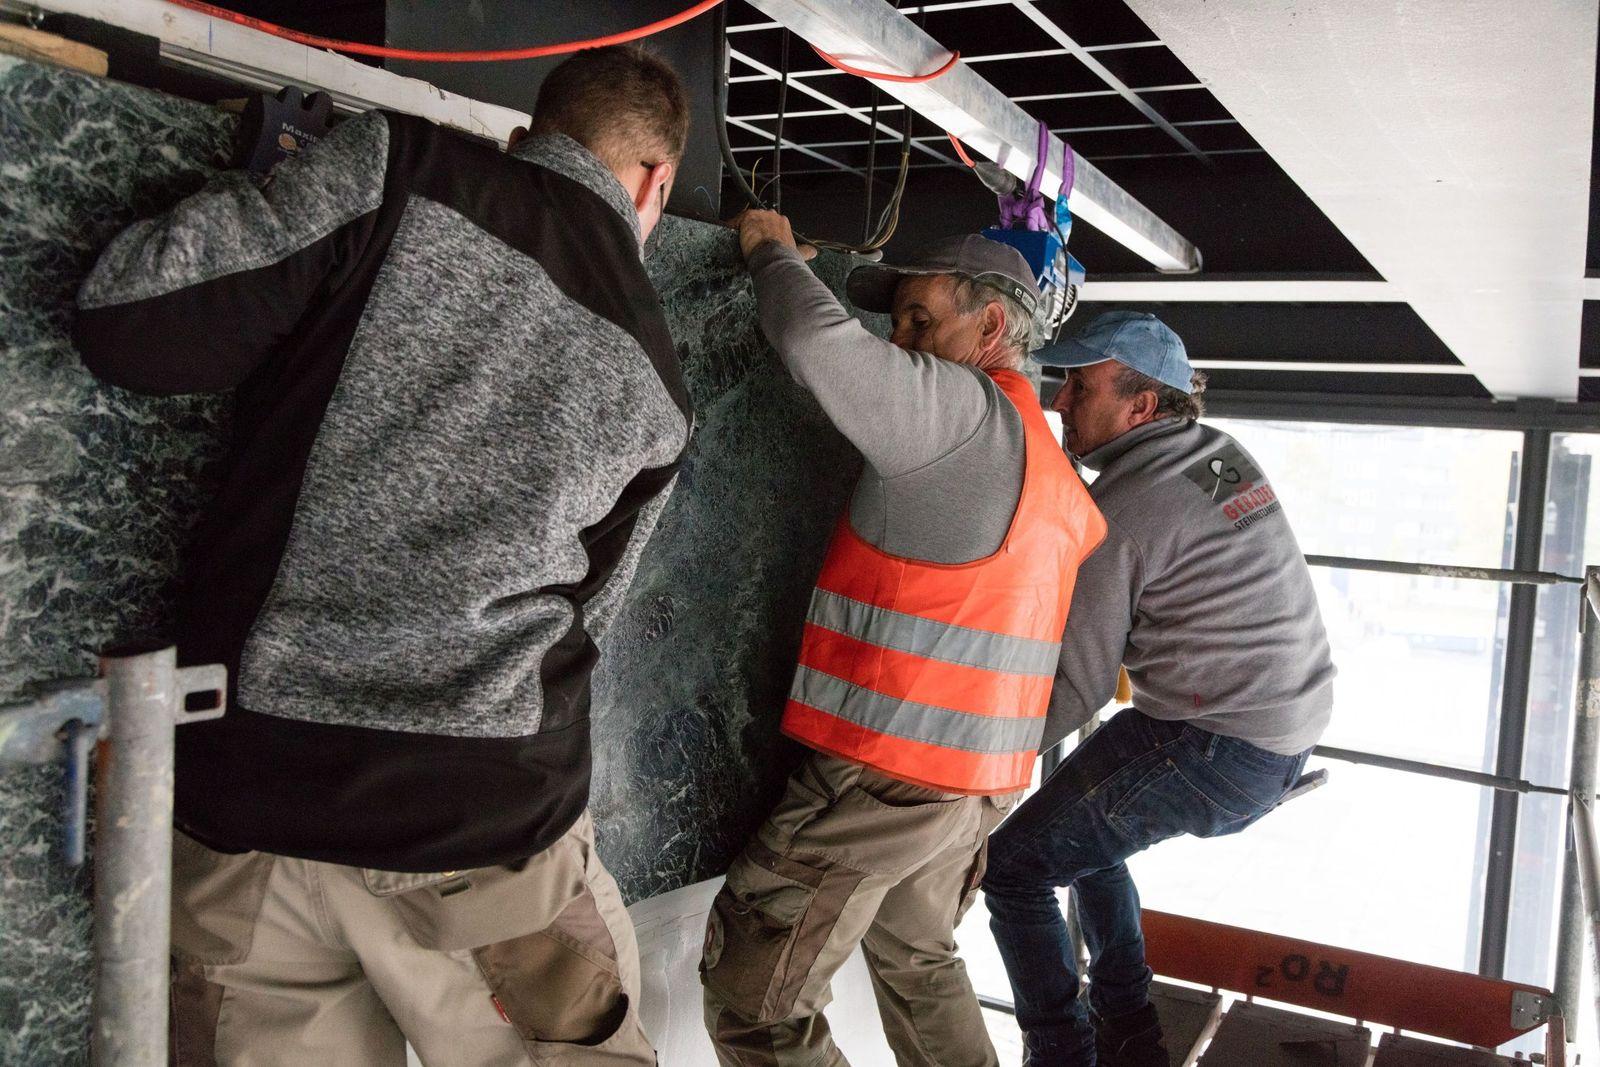 Während der Sanierung werden Teile der Verkleidung entfernt, um an die Versorgungsschächte zu gelangen. Die restlichen Abdeckungen werden vor Ort geschützt. Fotot: BBR / Thomas Bruns